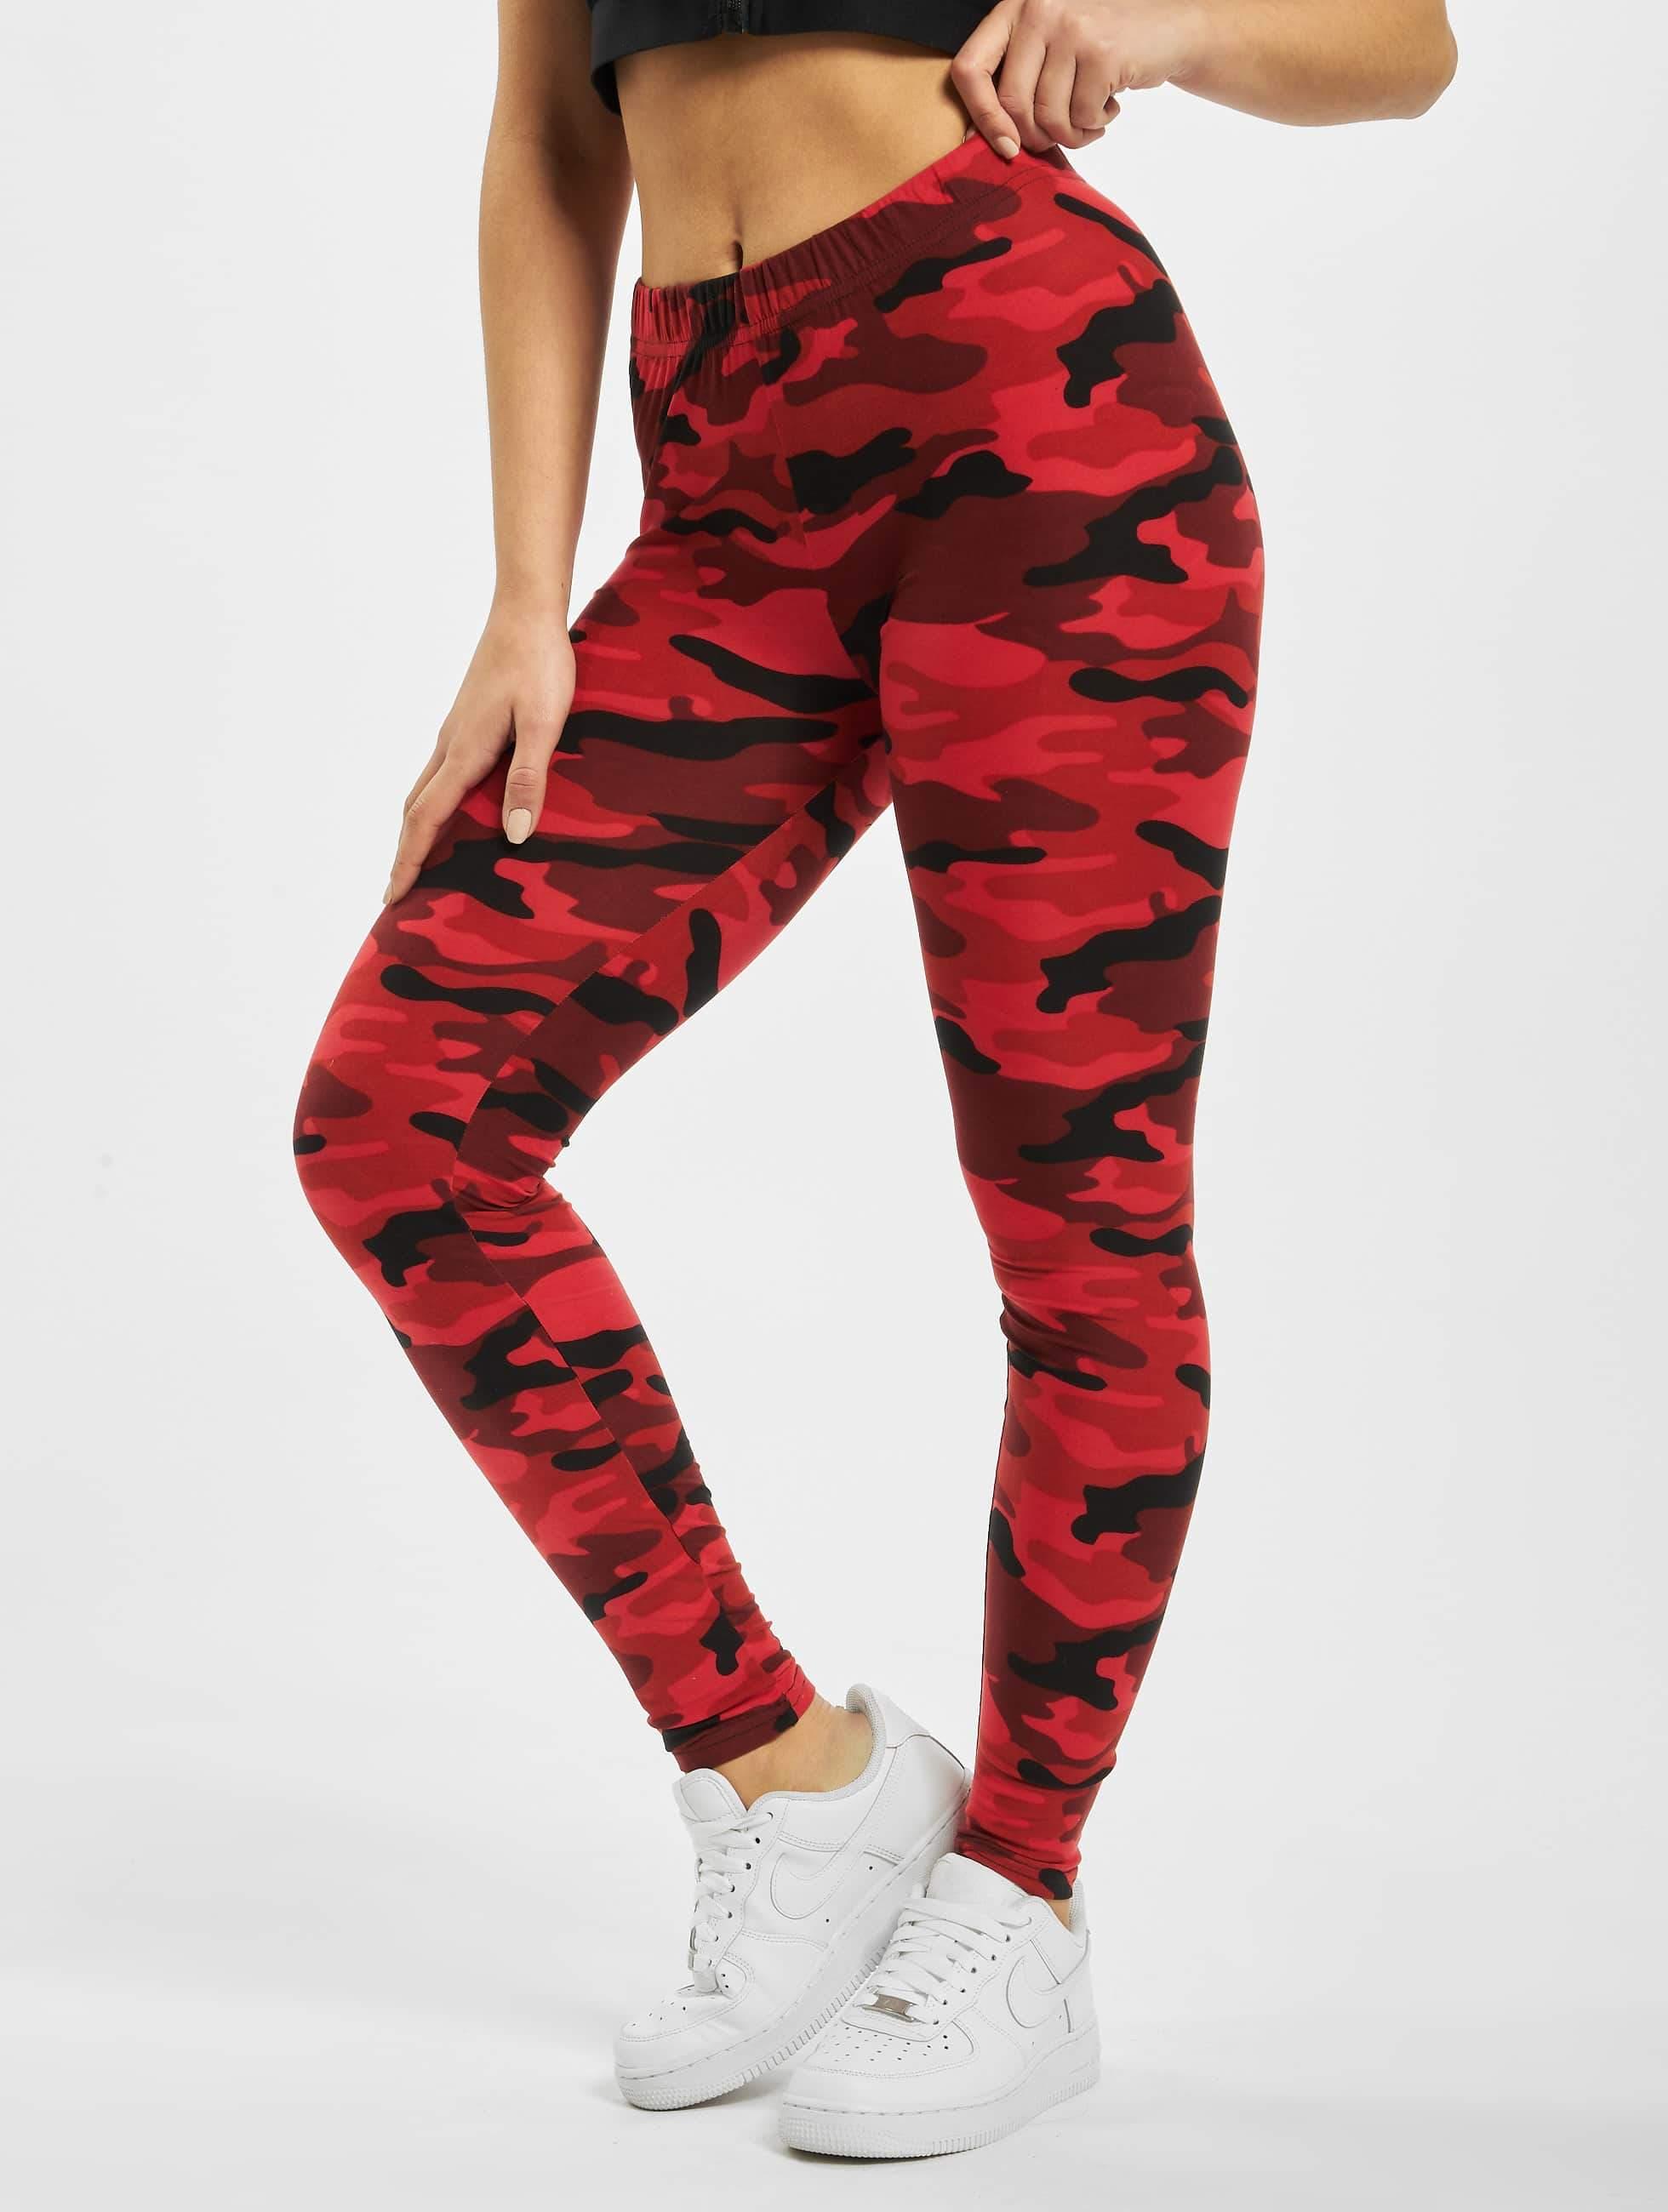 Ladies Camo Urban Red Classics Leggings rxCoeBd